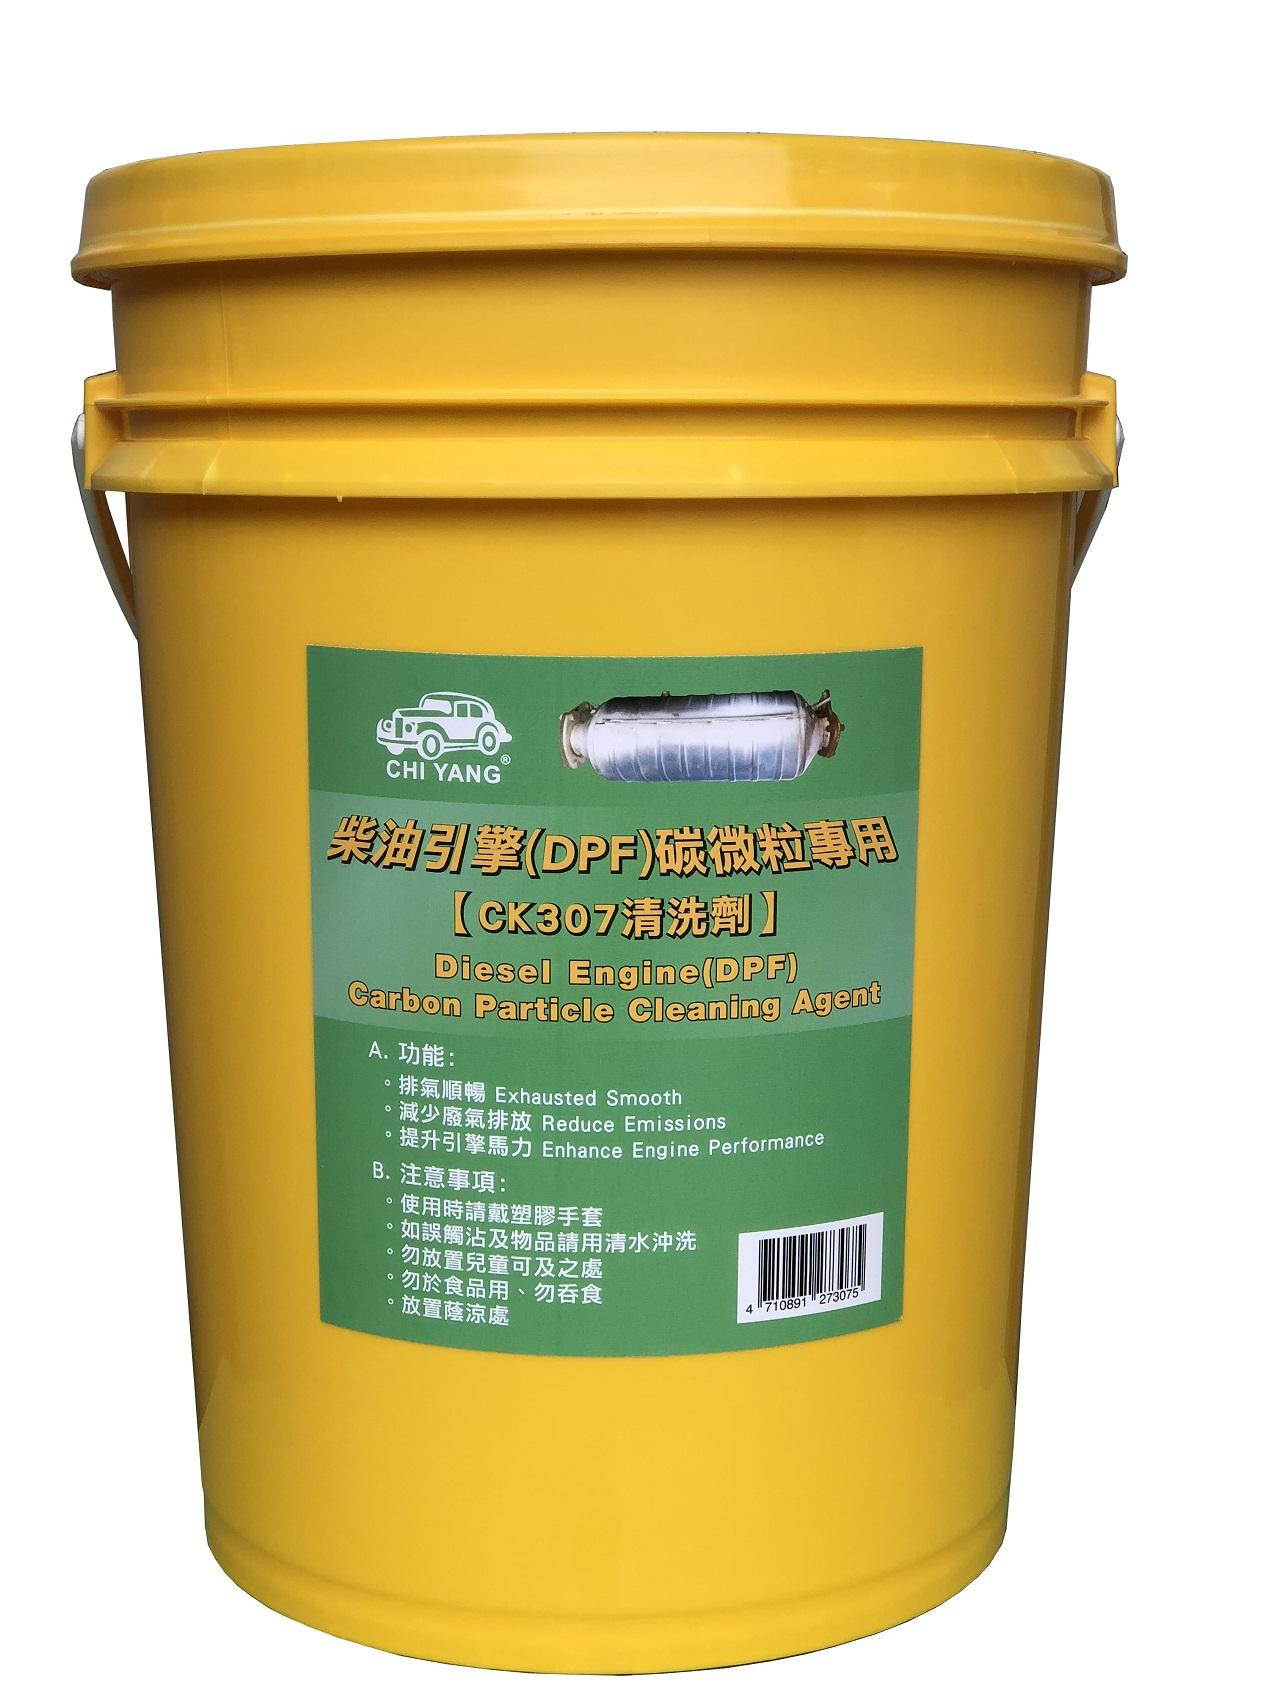 柴油引擎(DPF)碳微利專用